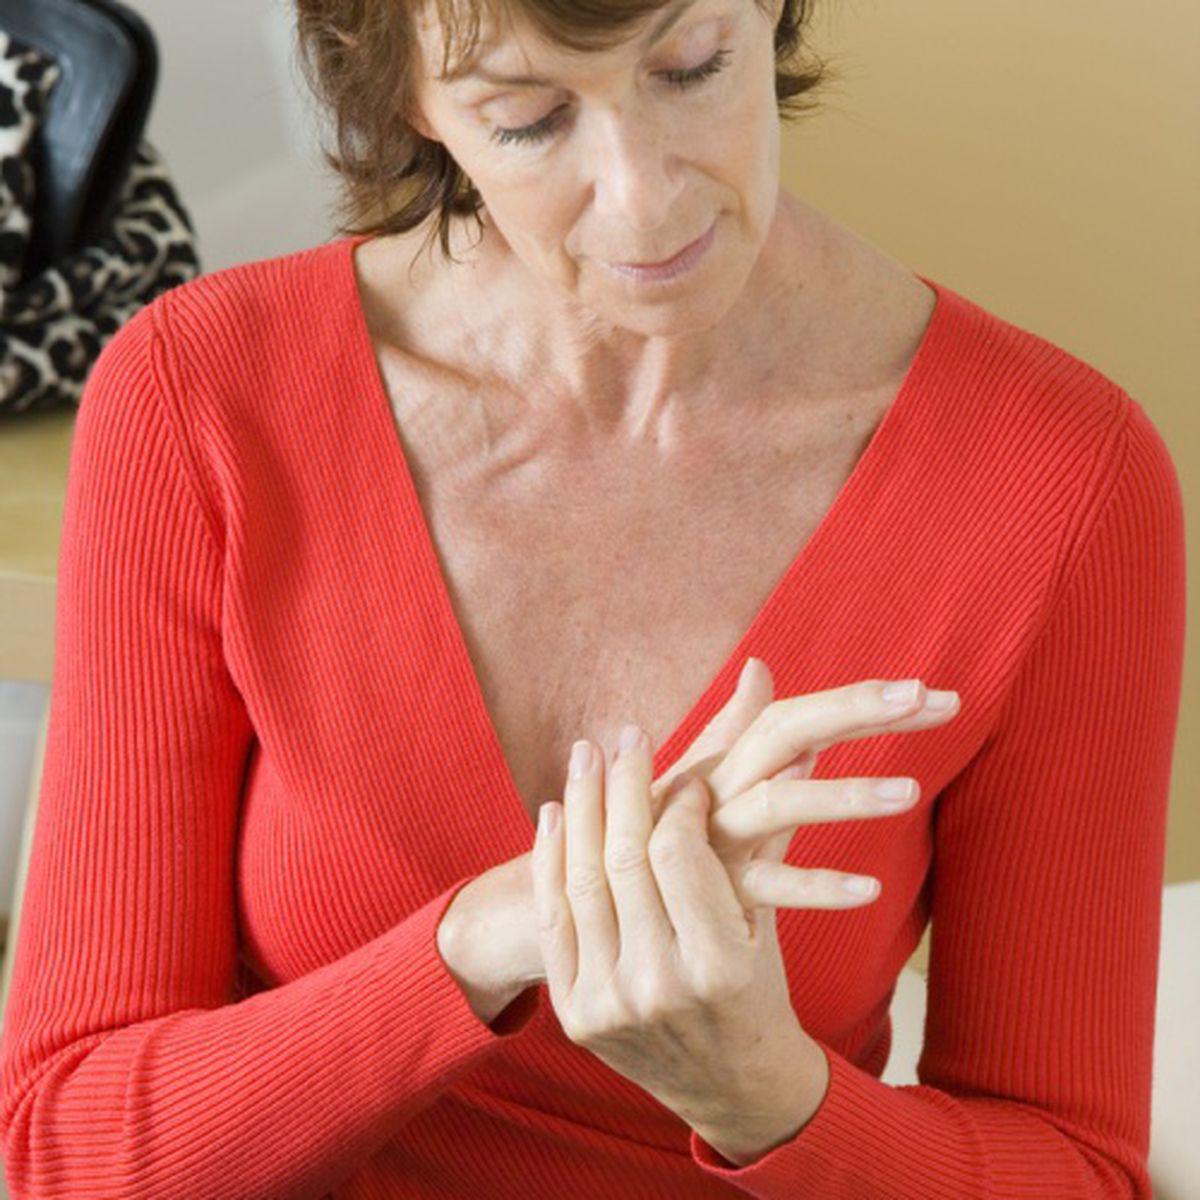 tratamentul cu cheie fierbinte pentru artroză cu coxartroza articulației șoldului unde doare